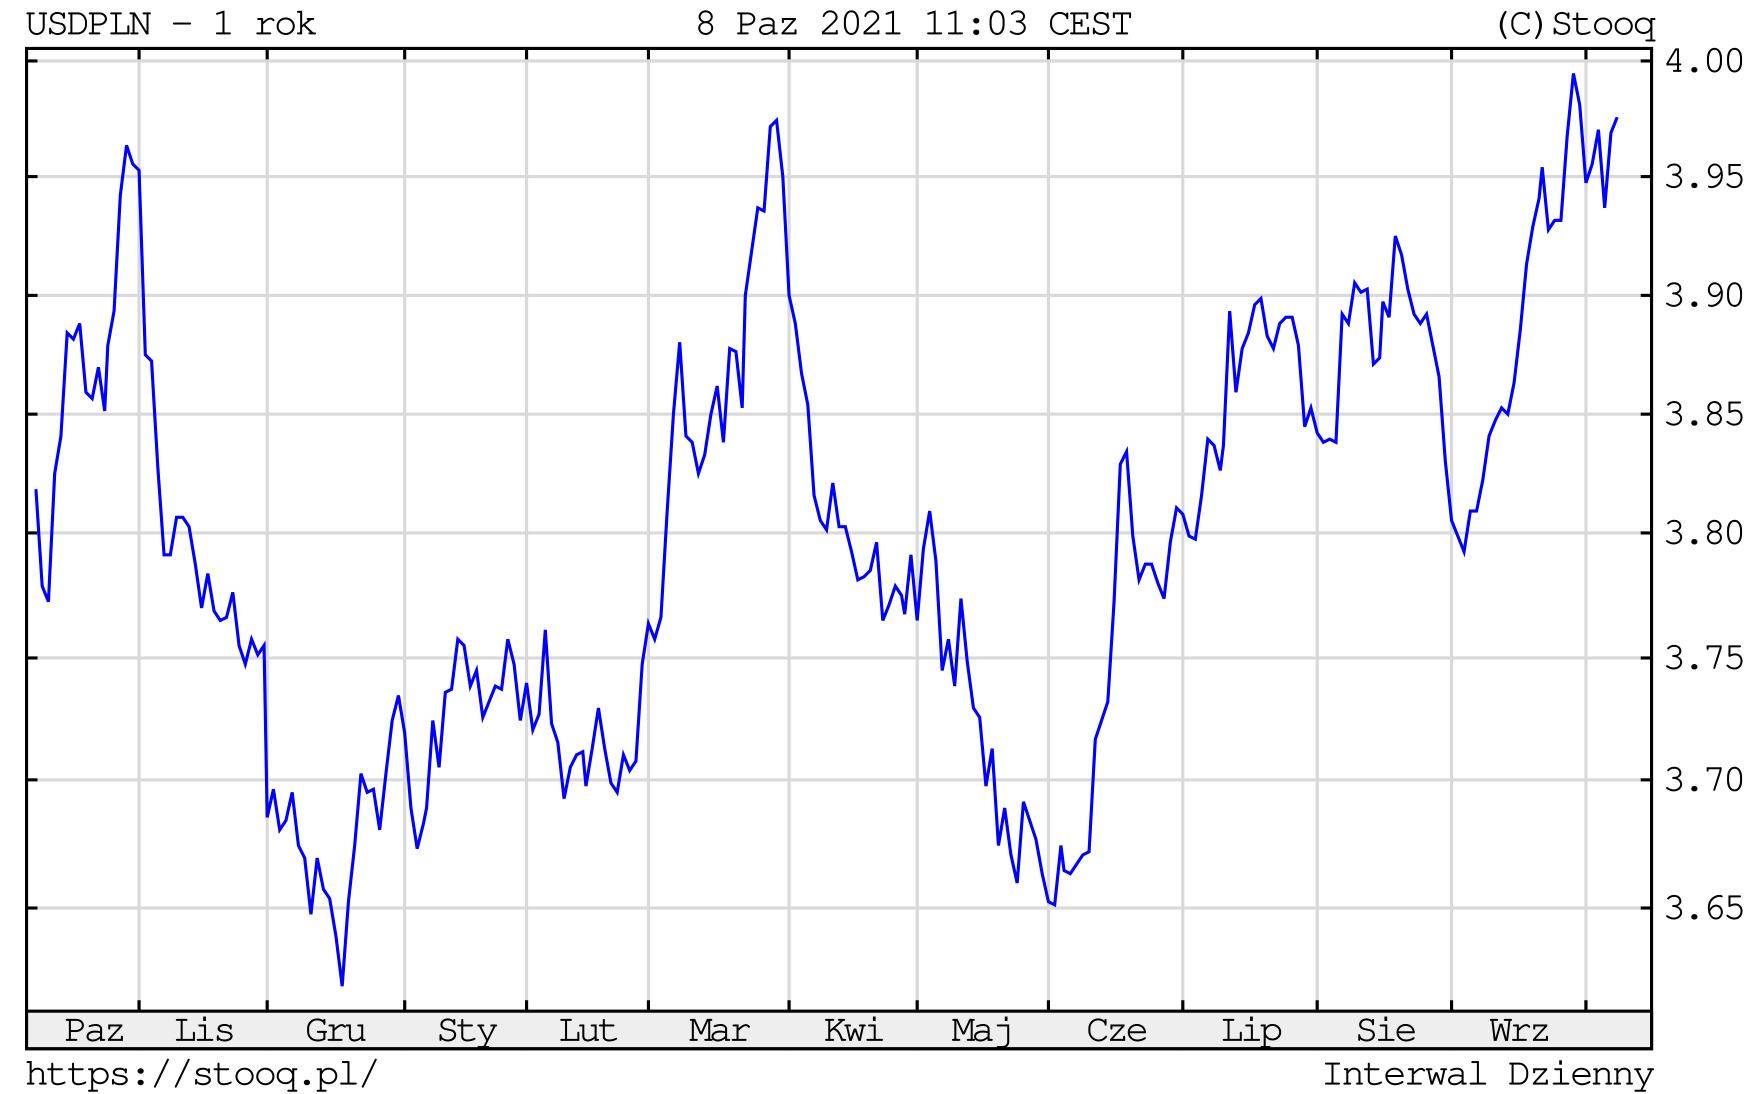 Kurs dolara w piątek, 8 października 2021 roku. Notowania USD/PLN na wykresie dziennym